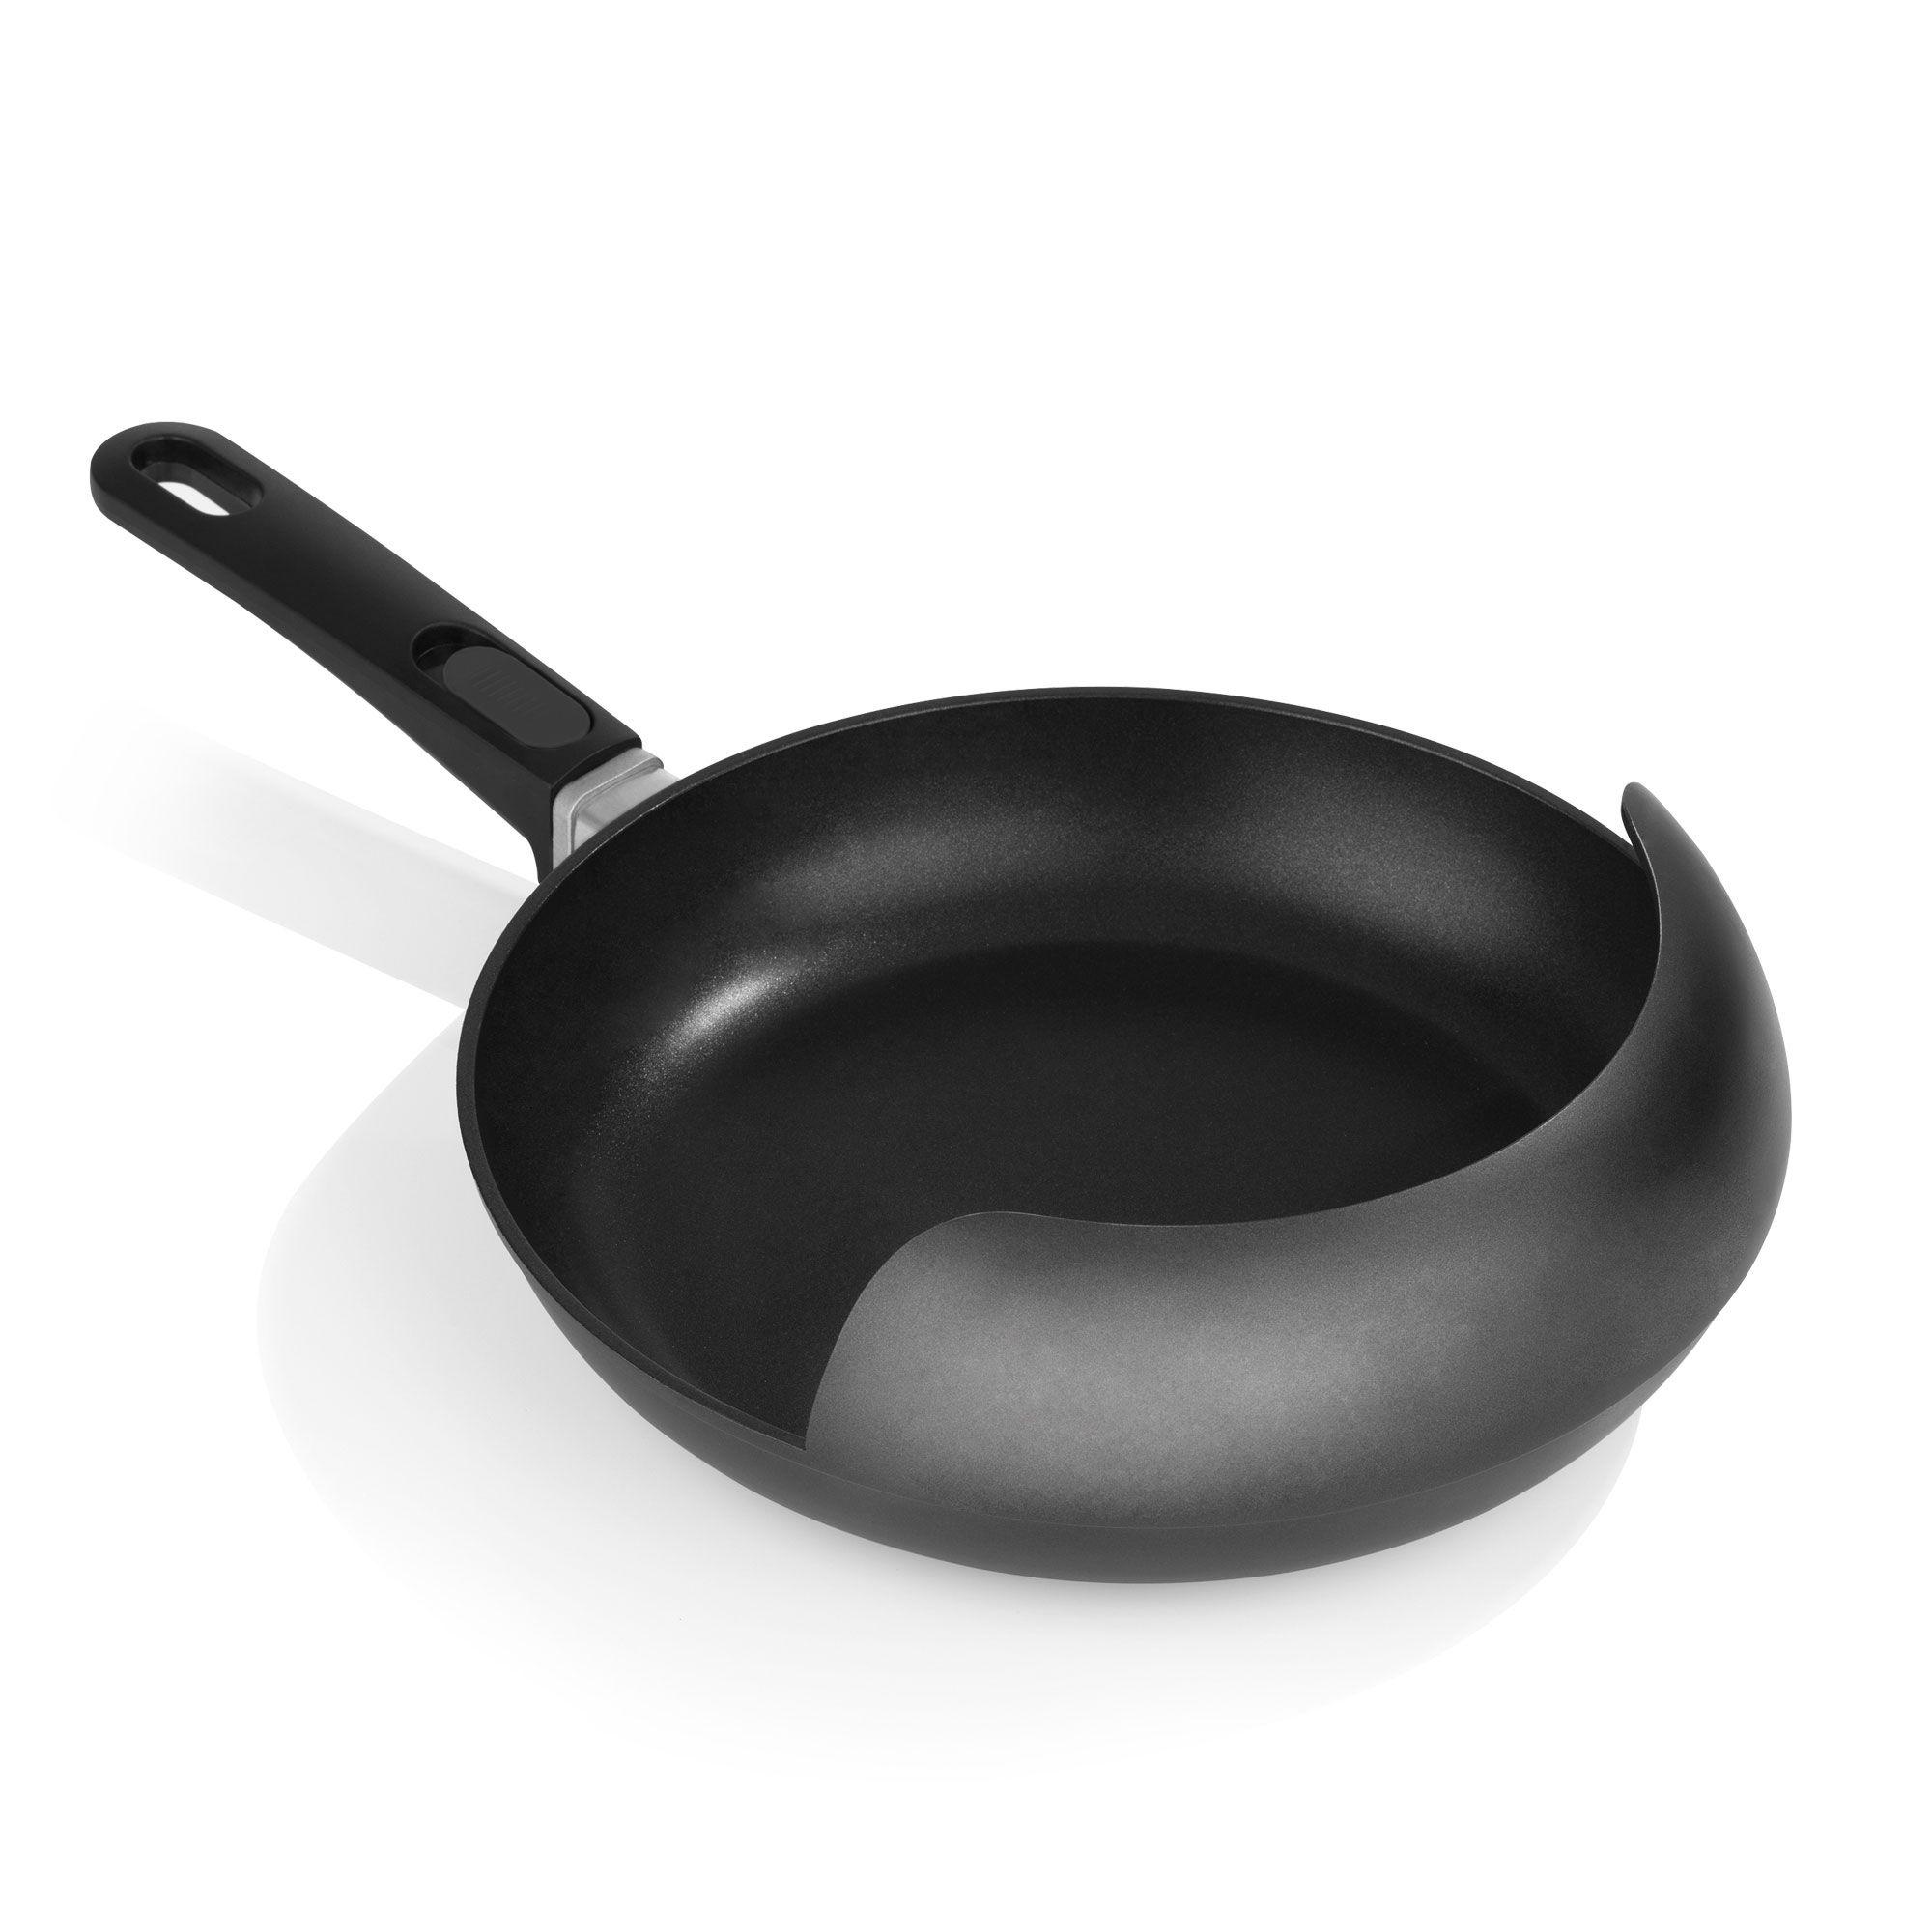 Non Stick Bratpfannen zum Fr/ühst/ück Smiley-Gesicht beeinflussen kleine Pfannkuchenpfanne Sieben-Loch-Pfanne zum Kochen von Spiegelei-Pfannkuchen Blinis Muffin Pan Waffles Maker f/ür Kinder